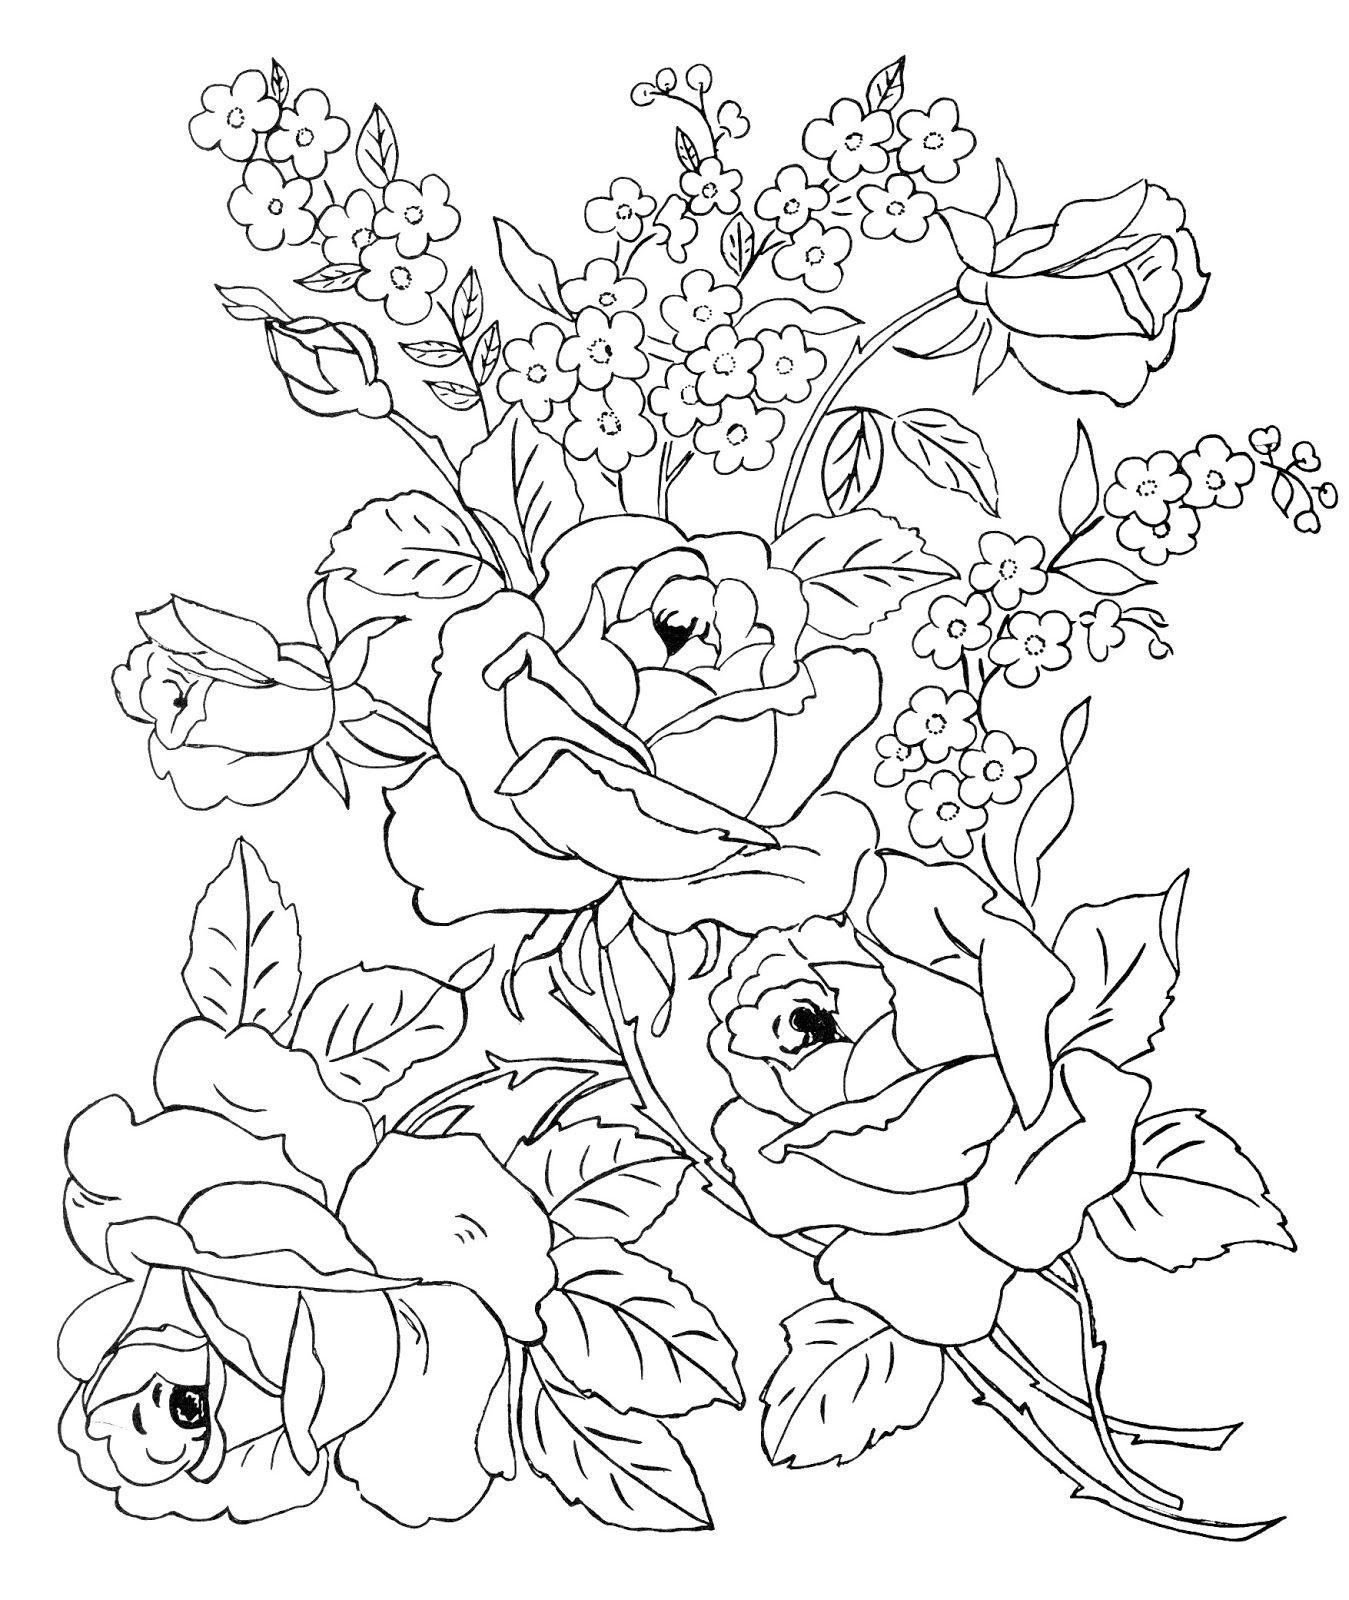 Hermoso Imagenes Para Colorear Ramos De Flores | Colore Ar La Imagen